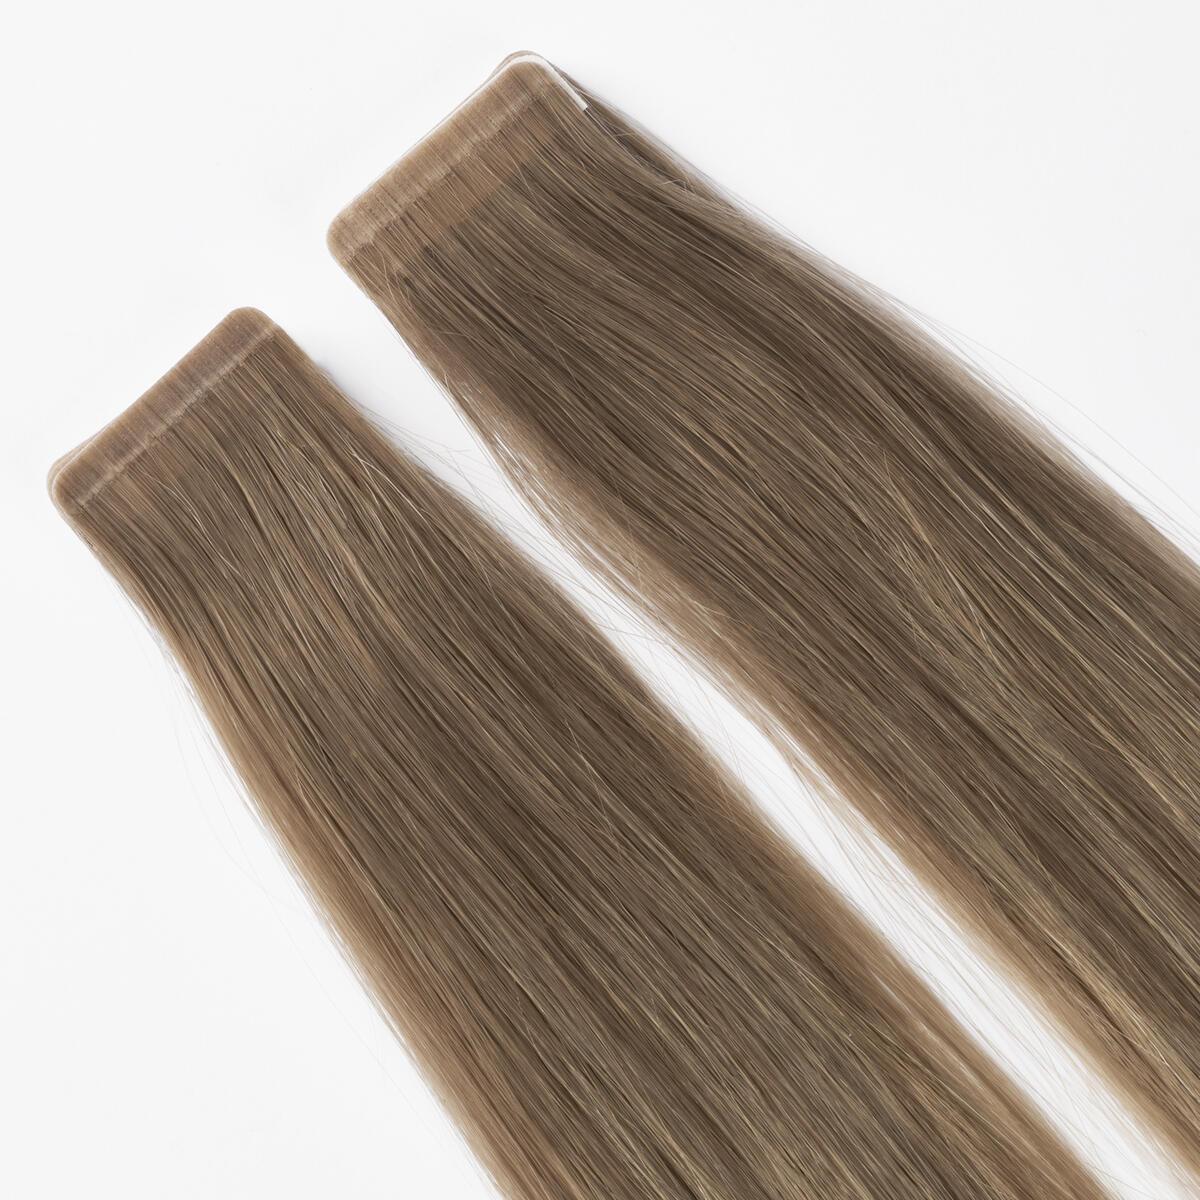 Sleek Tape Extension B7.5/10.7 Sandy Blonde Balayage 50 cm